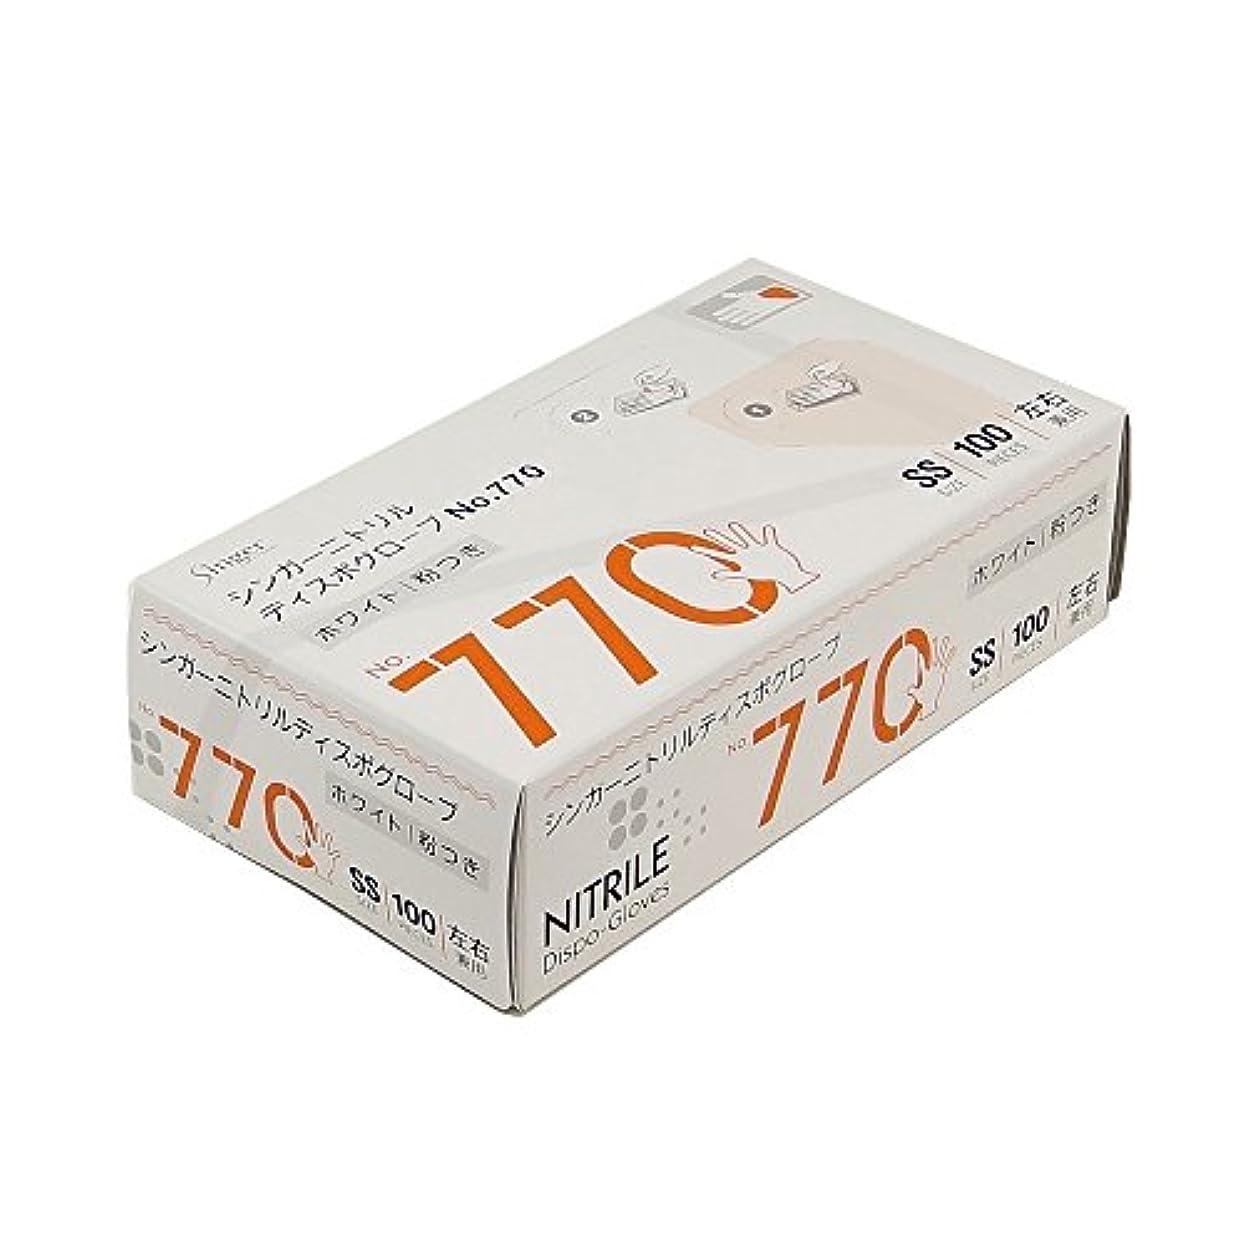 断線冒険国際宇都宮製作 ディスポ手袋 シンガーニトリルディスポグローブ No.770 ホワイト 粉付 100枚入  SS